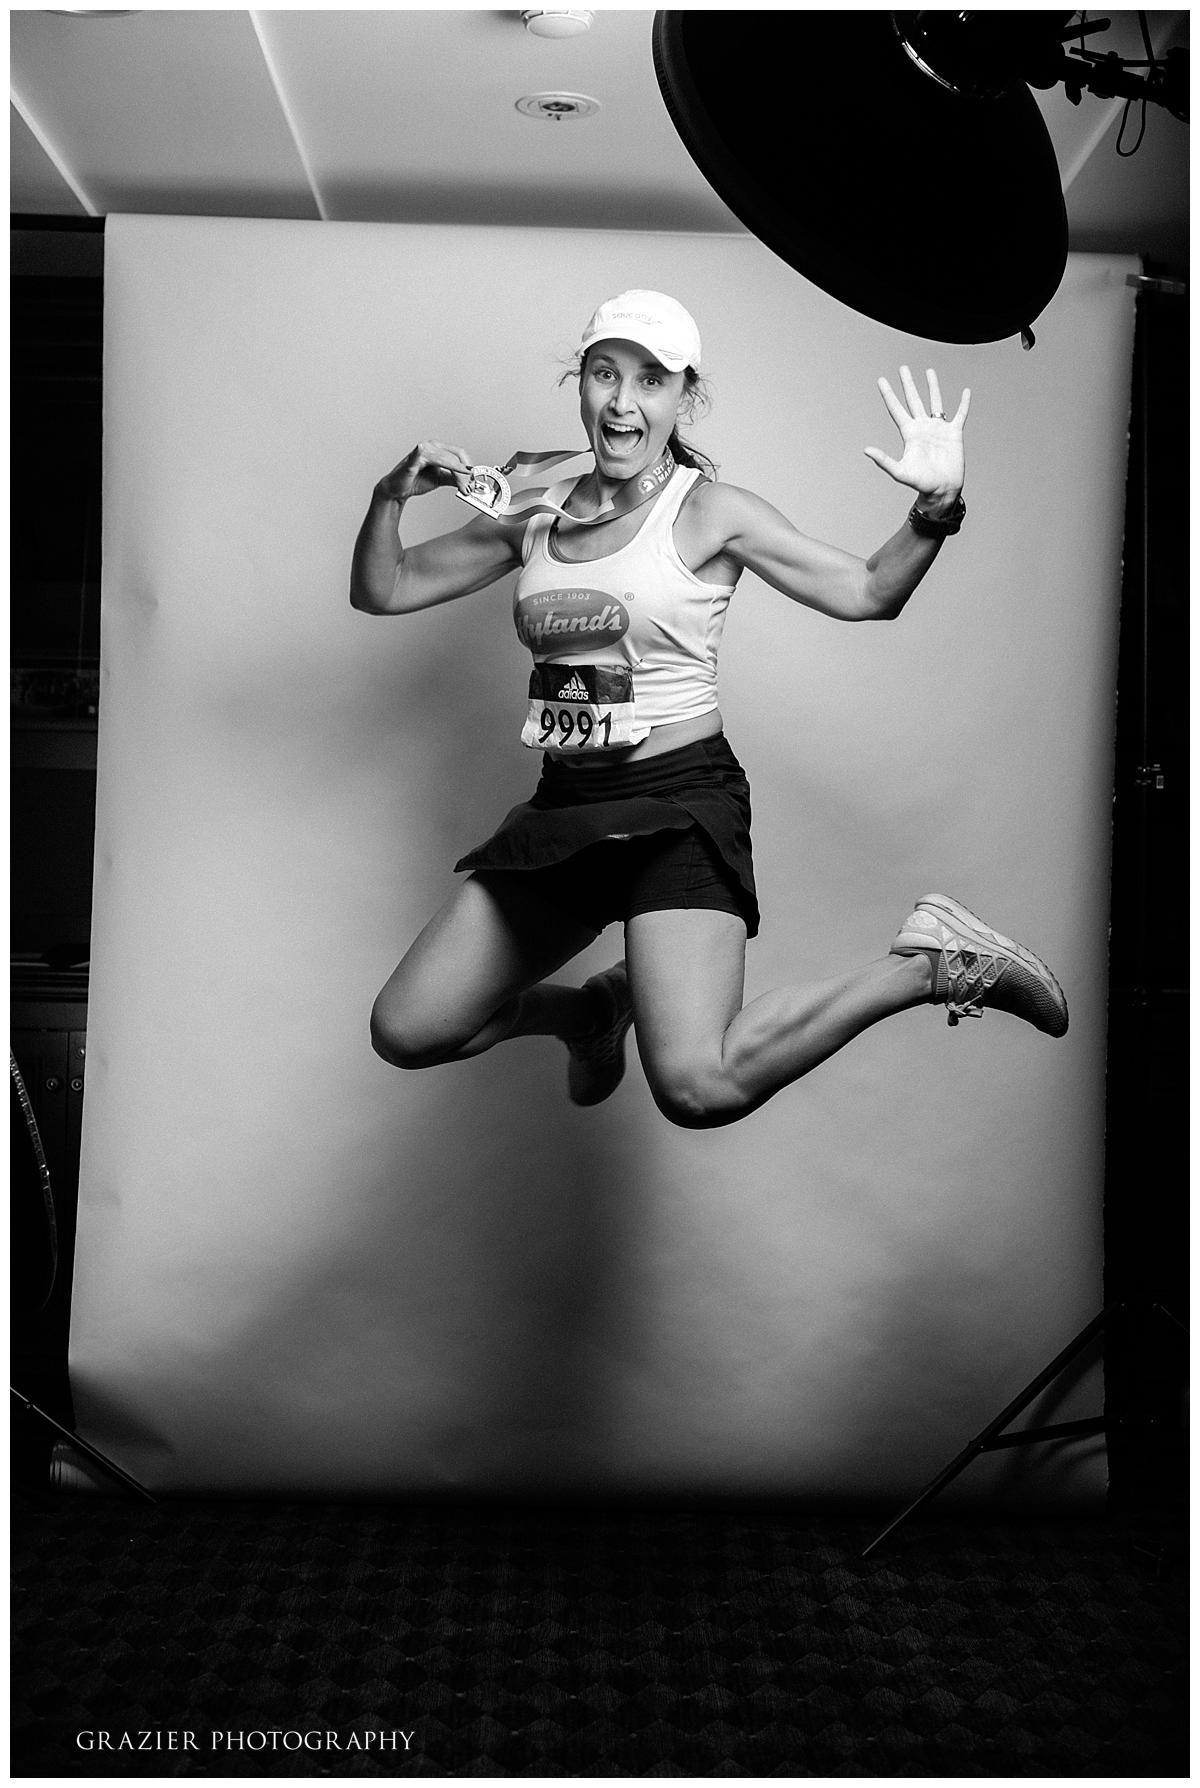 Grazier_Photo_Hylands_Boston_Marathon_2017-22_WEB.jpg